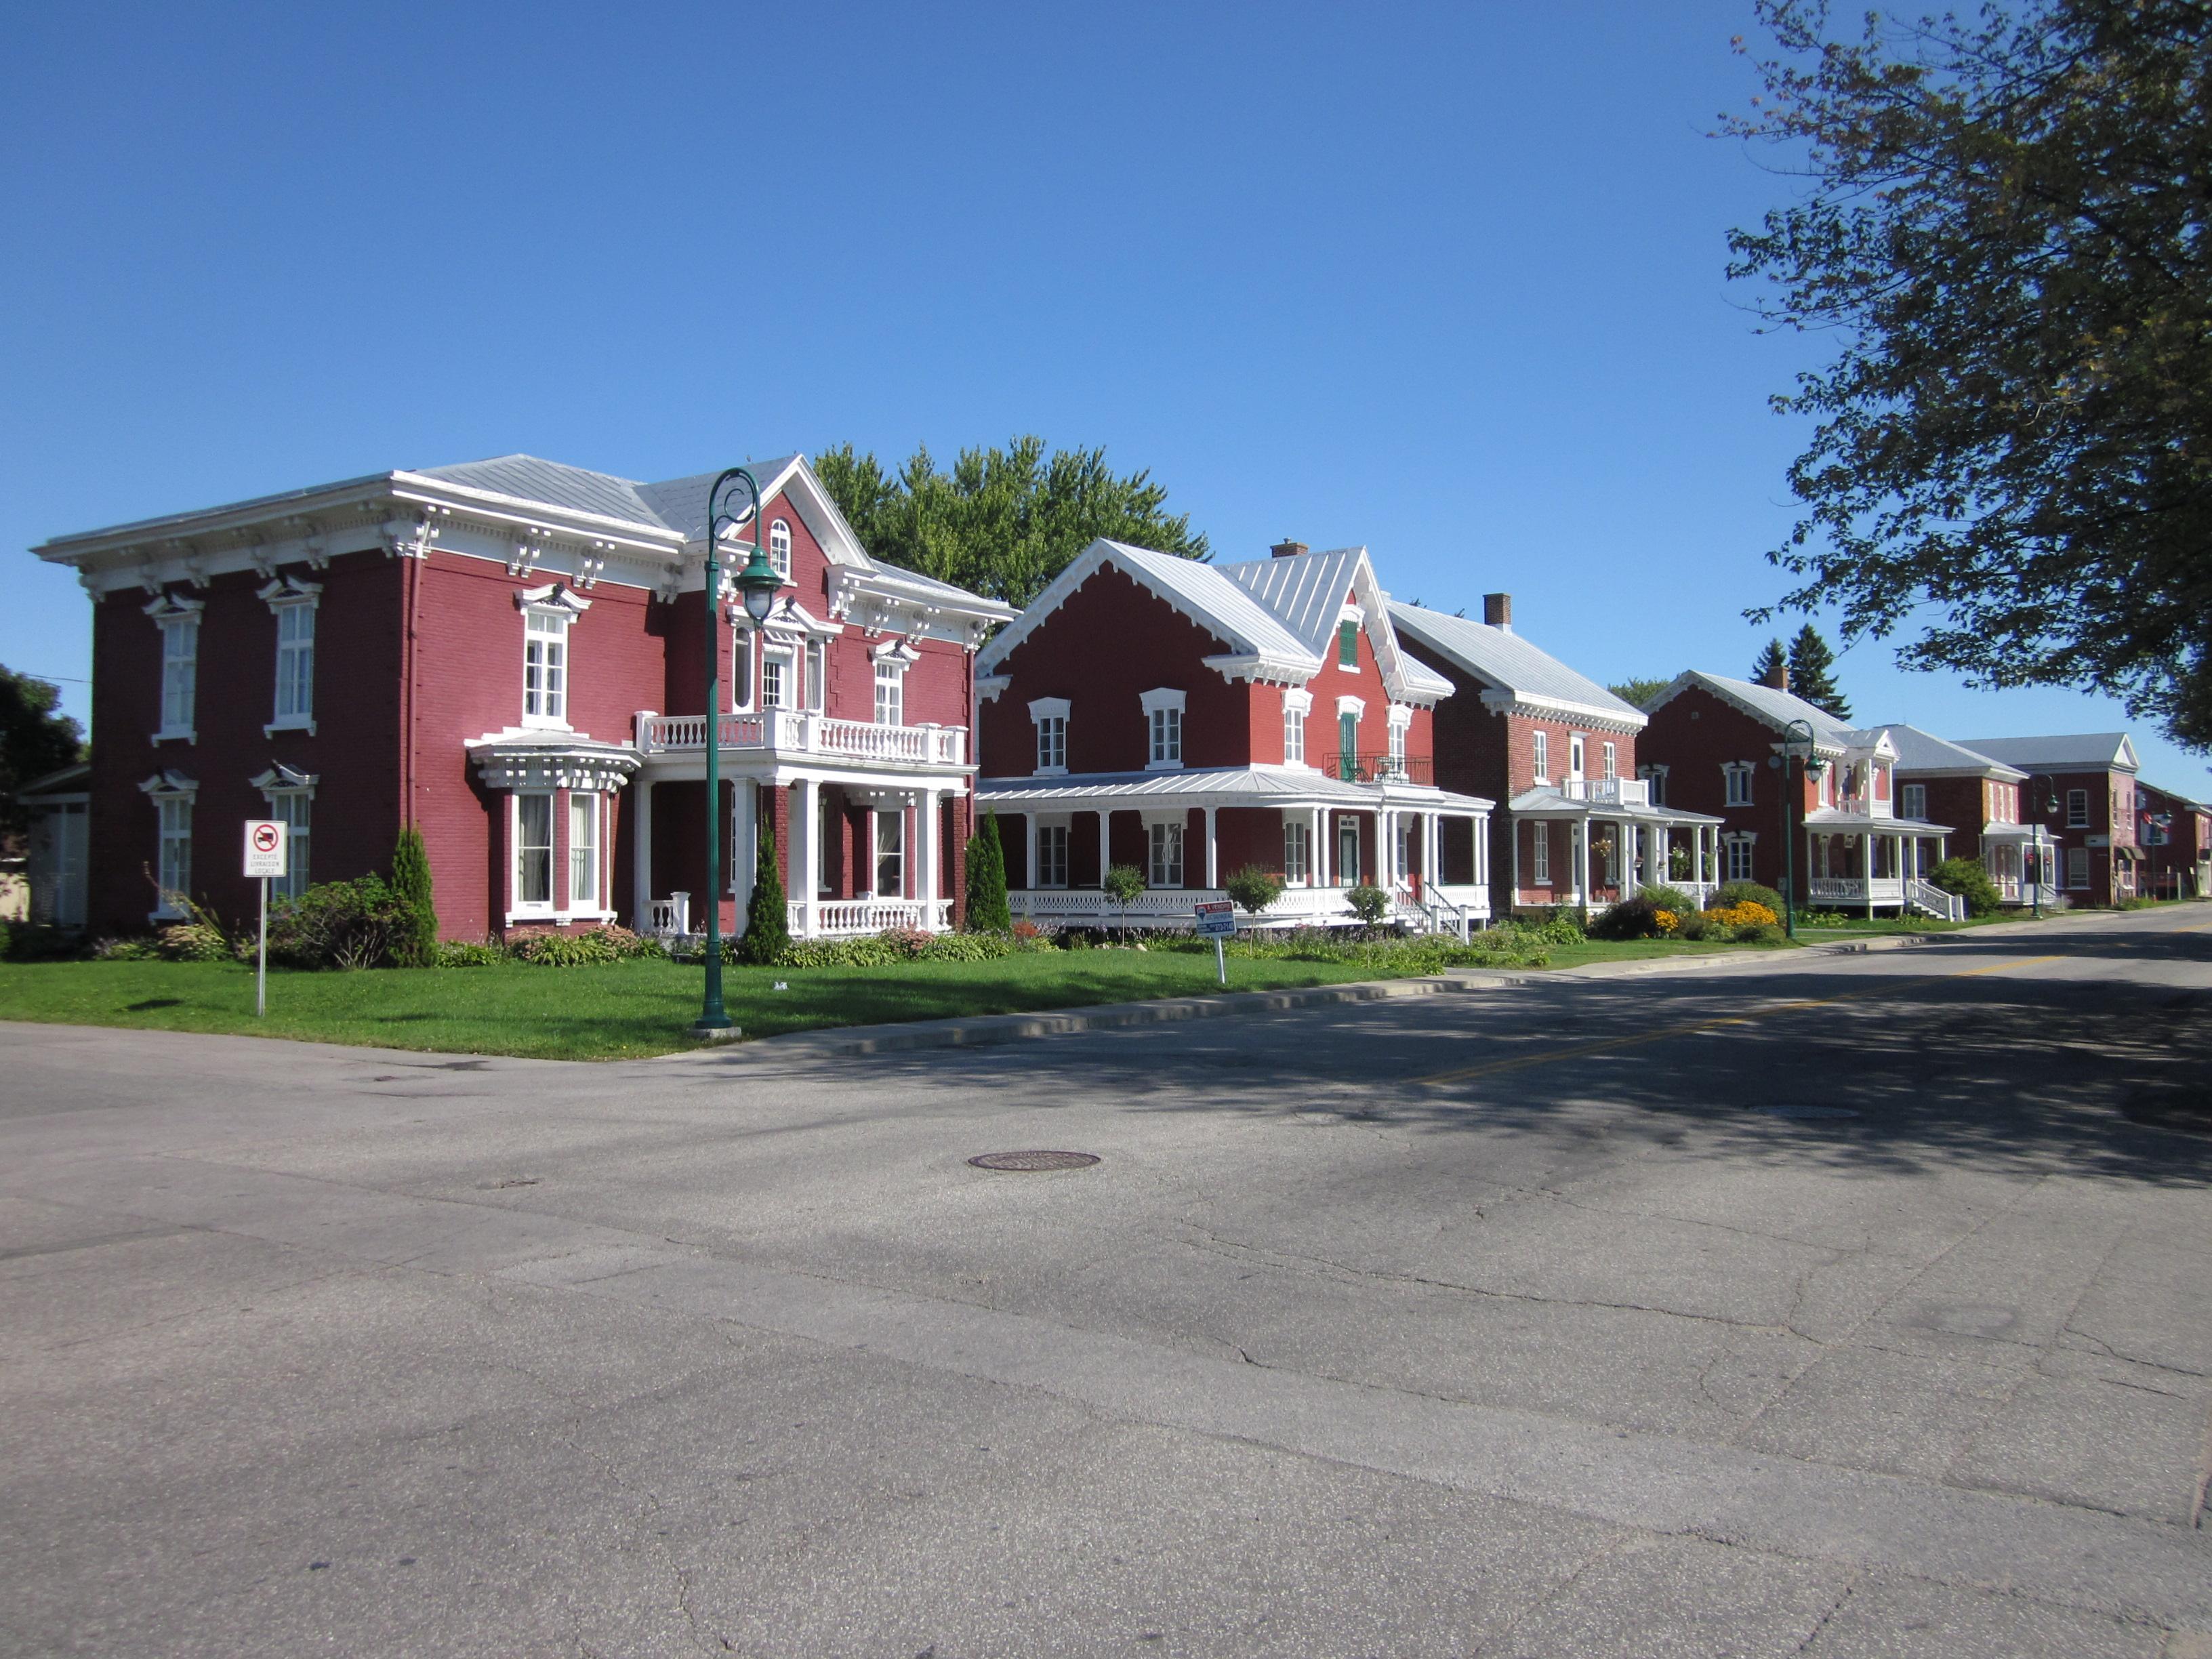 file l 39 enfilade de maisons en brique rouge de yamachiche 01 jpg wikimedia commons. Black Bedroom Furniture Sets. Home Design Ideas